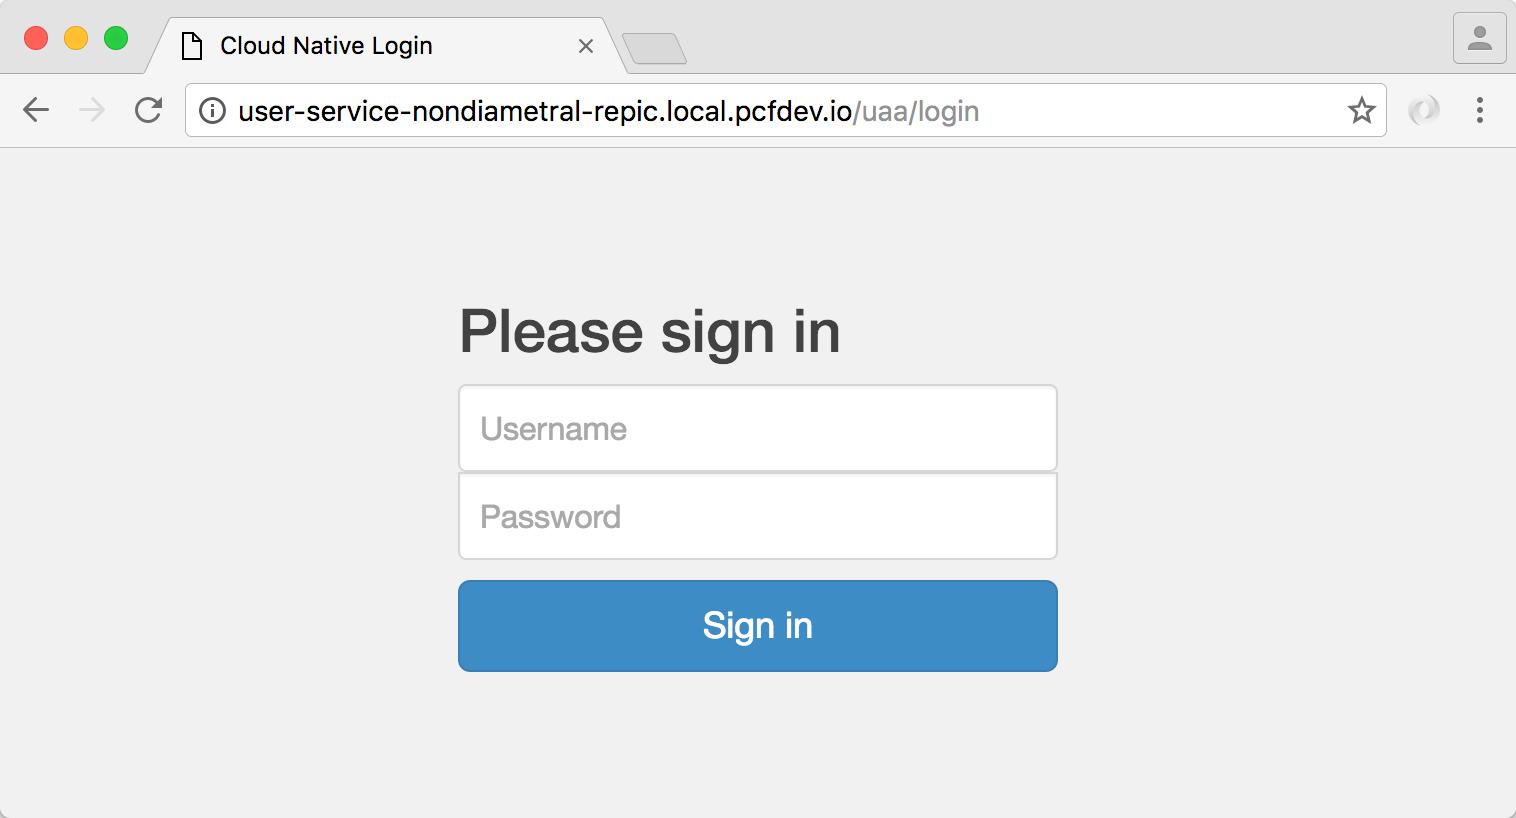 OAuth2 user login